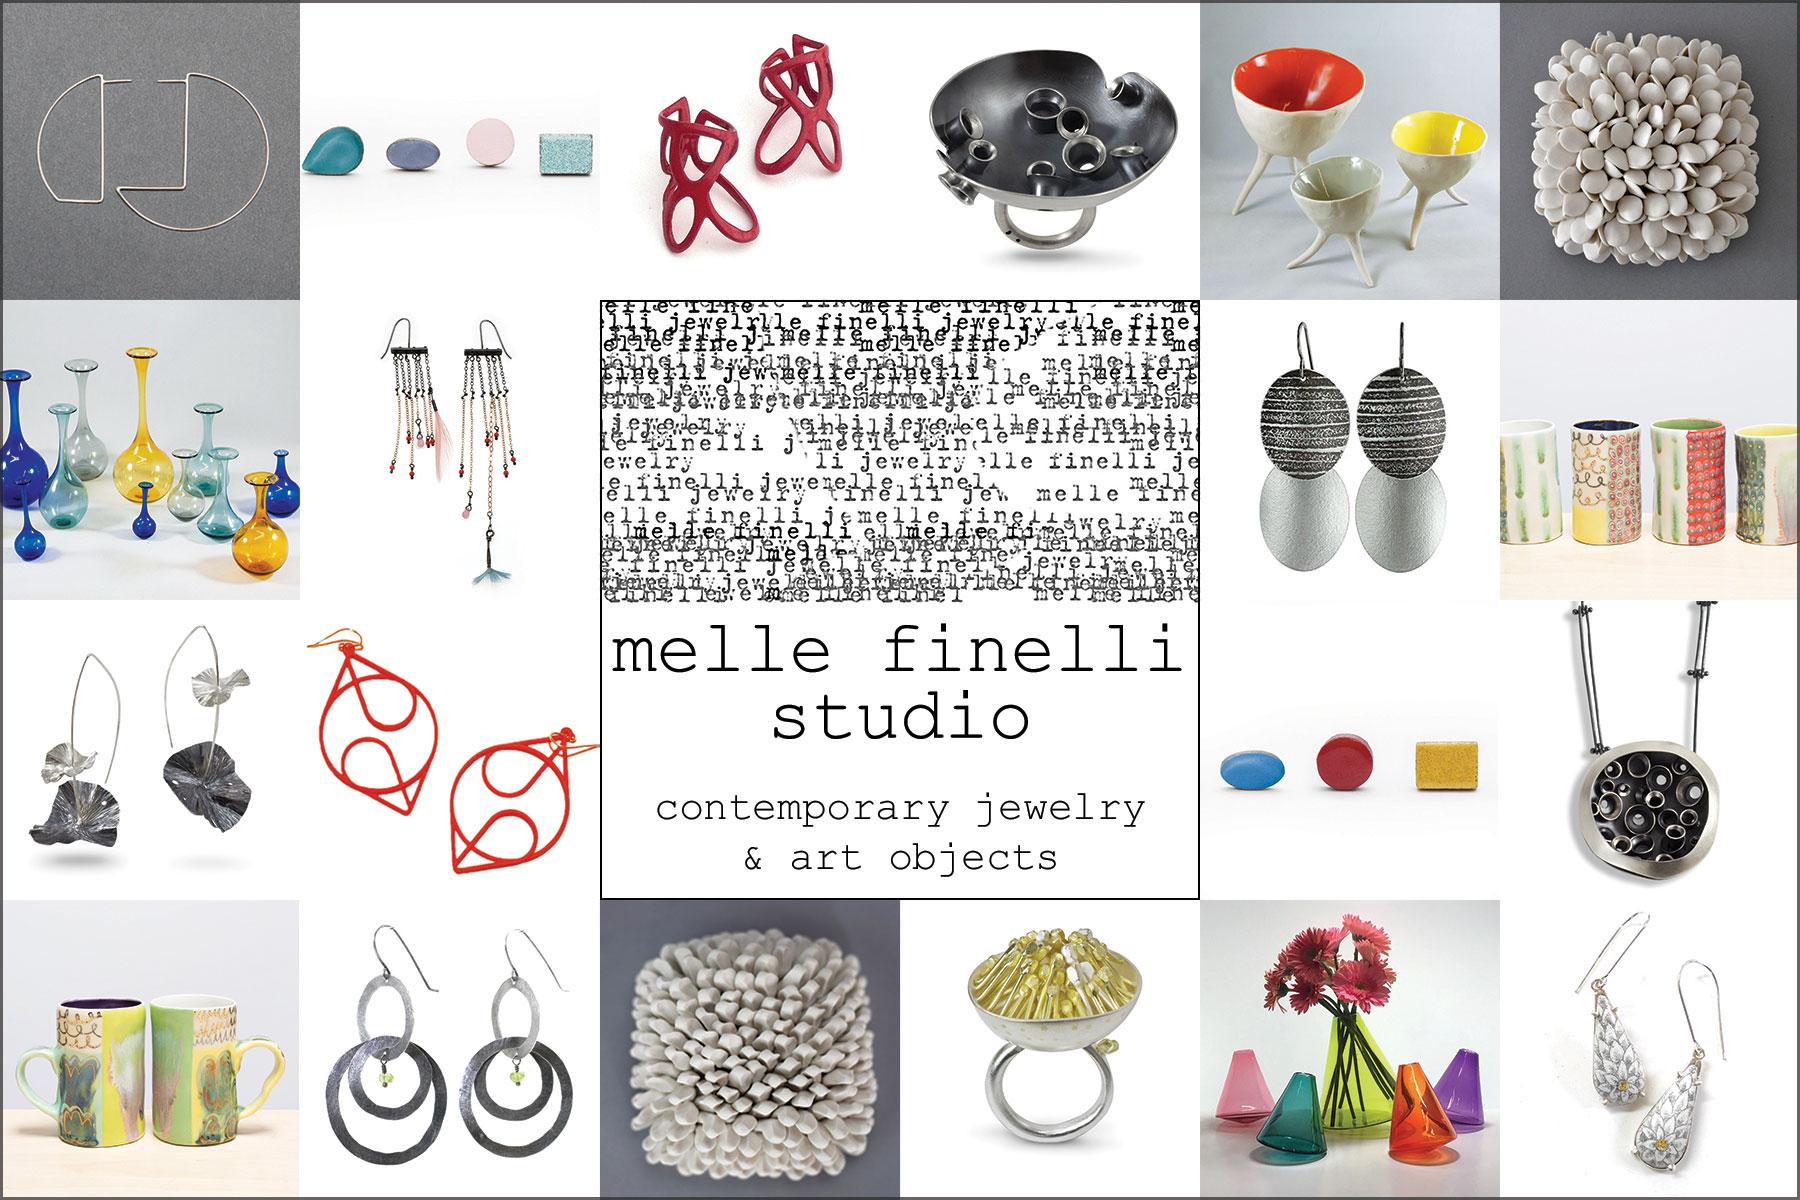 Takeaway postcard for Melle Finelli Studio, 2017.